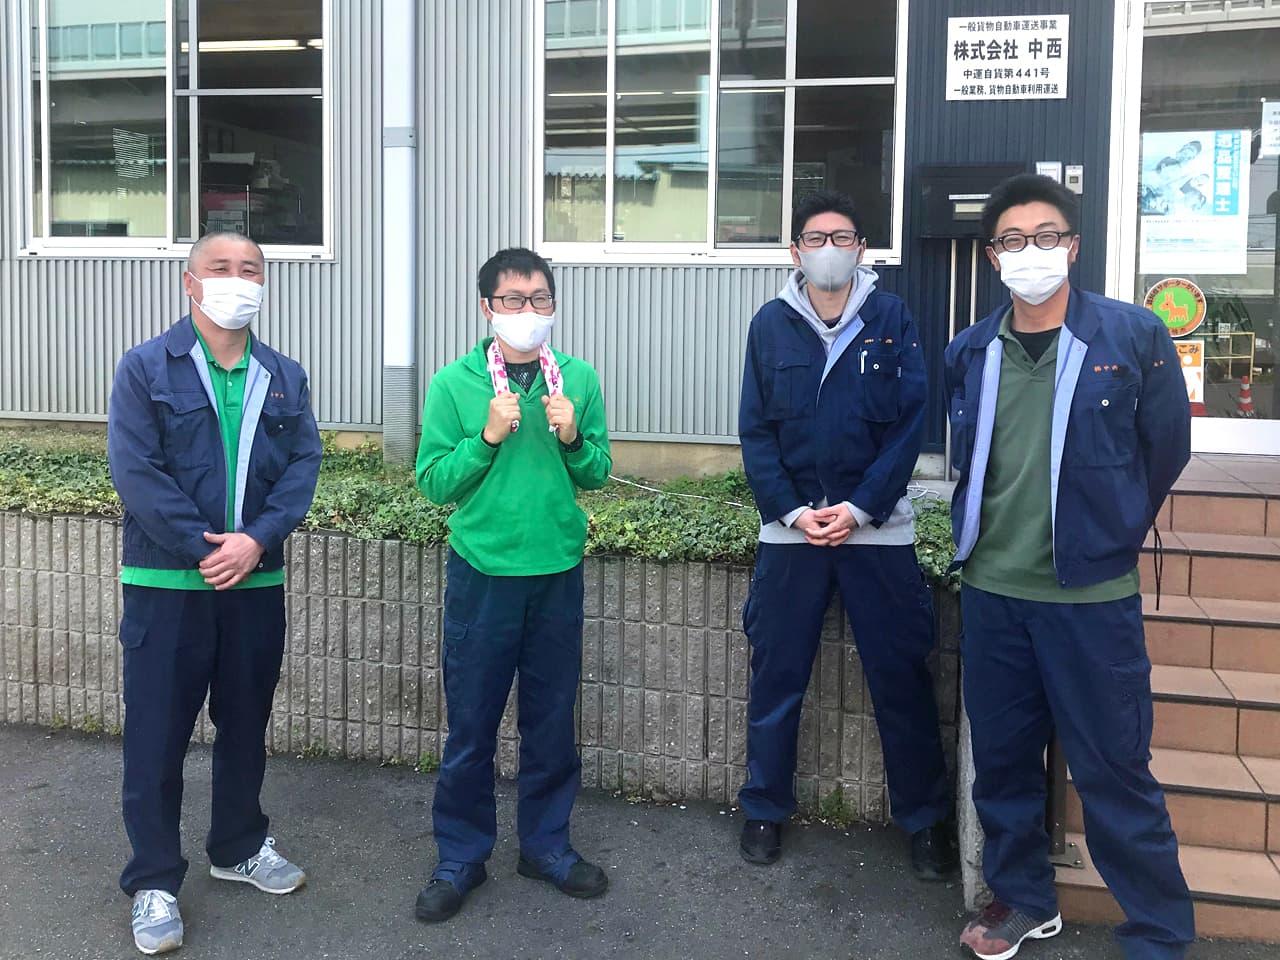 竹内、高橋、岡本、小田の集合写真